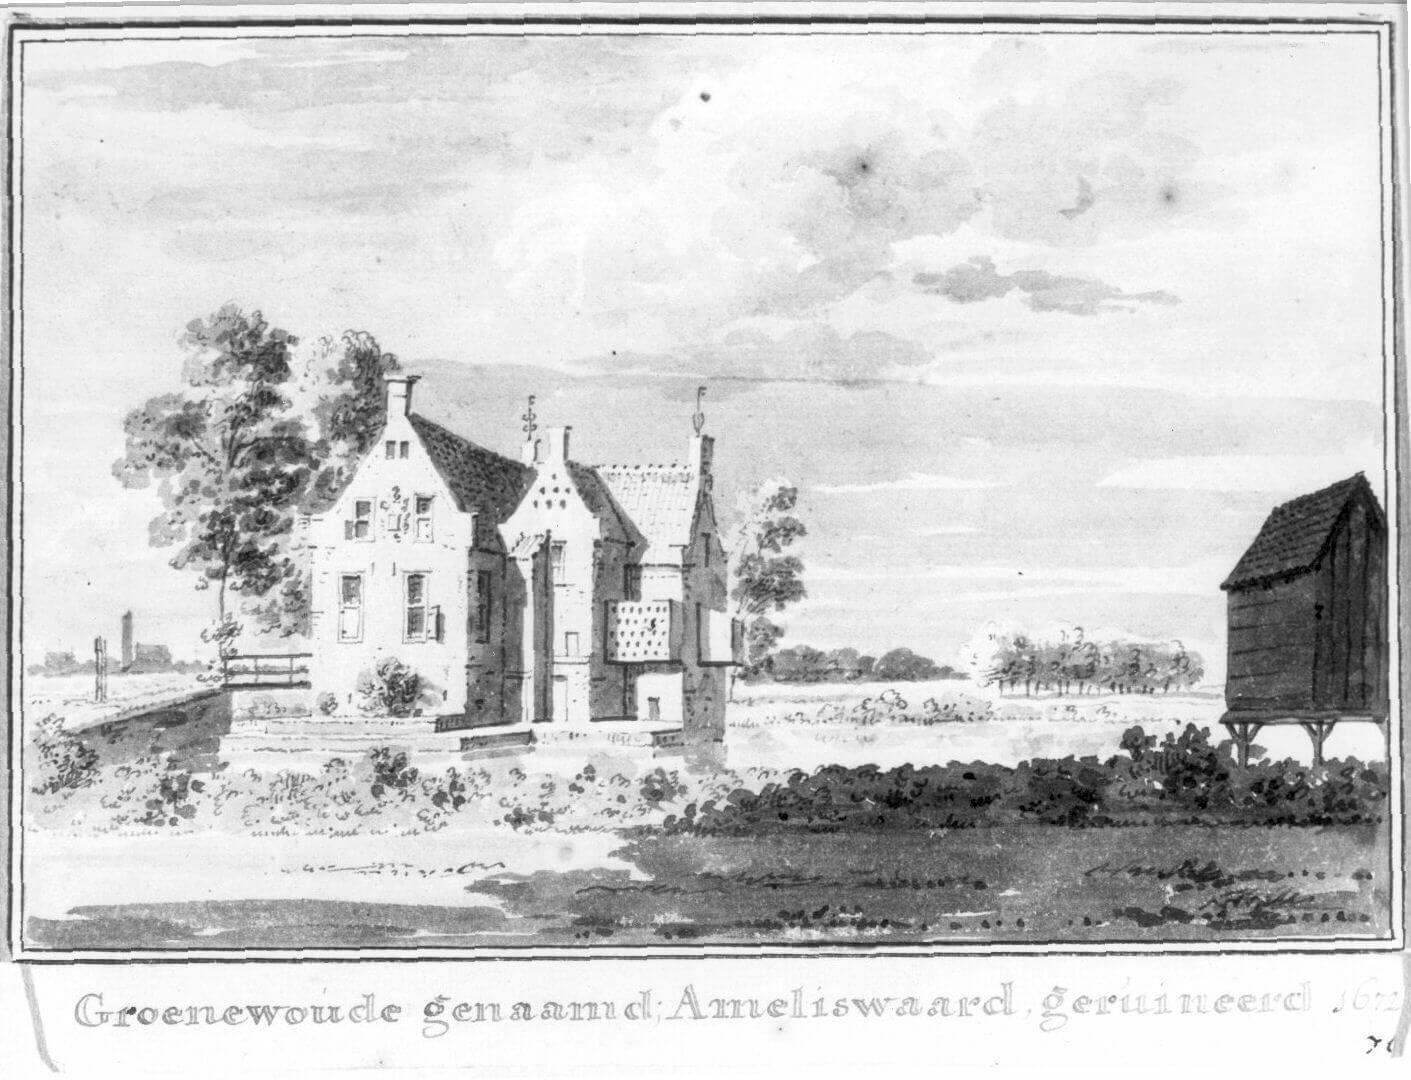 Groenewoude Nieuw Amelisweerd 1630-70 UA 38009